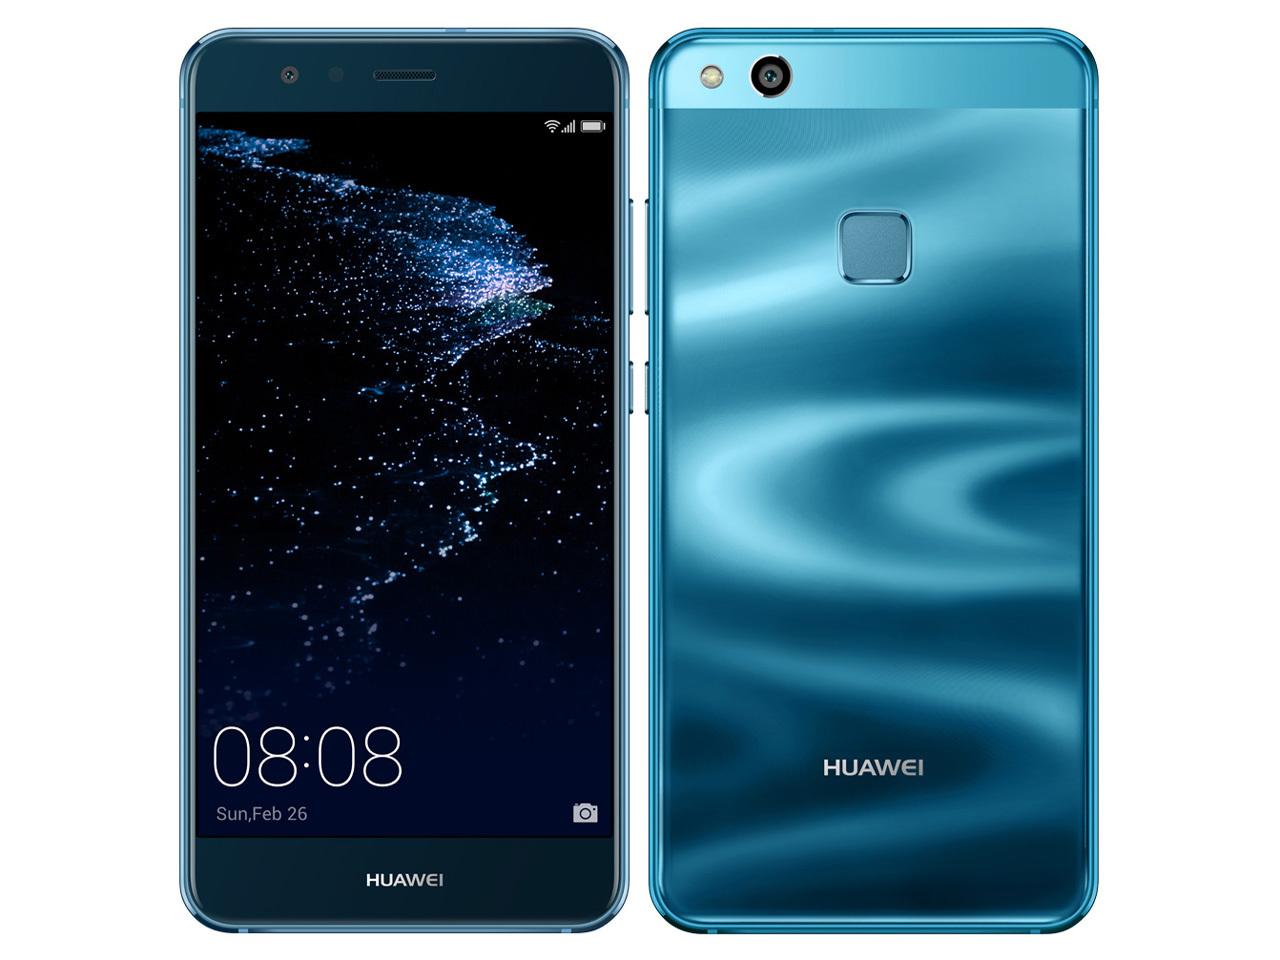 「新品 未使用品」UQmobile Huawei(ファーウェイ) P10 Lite WAS-LX2J sapphire blue サファイアブルー [LTE対応] [SIMフリースマホ]